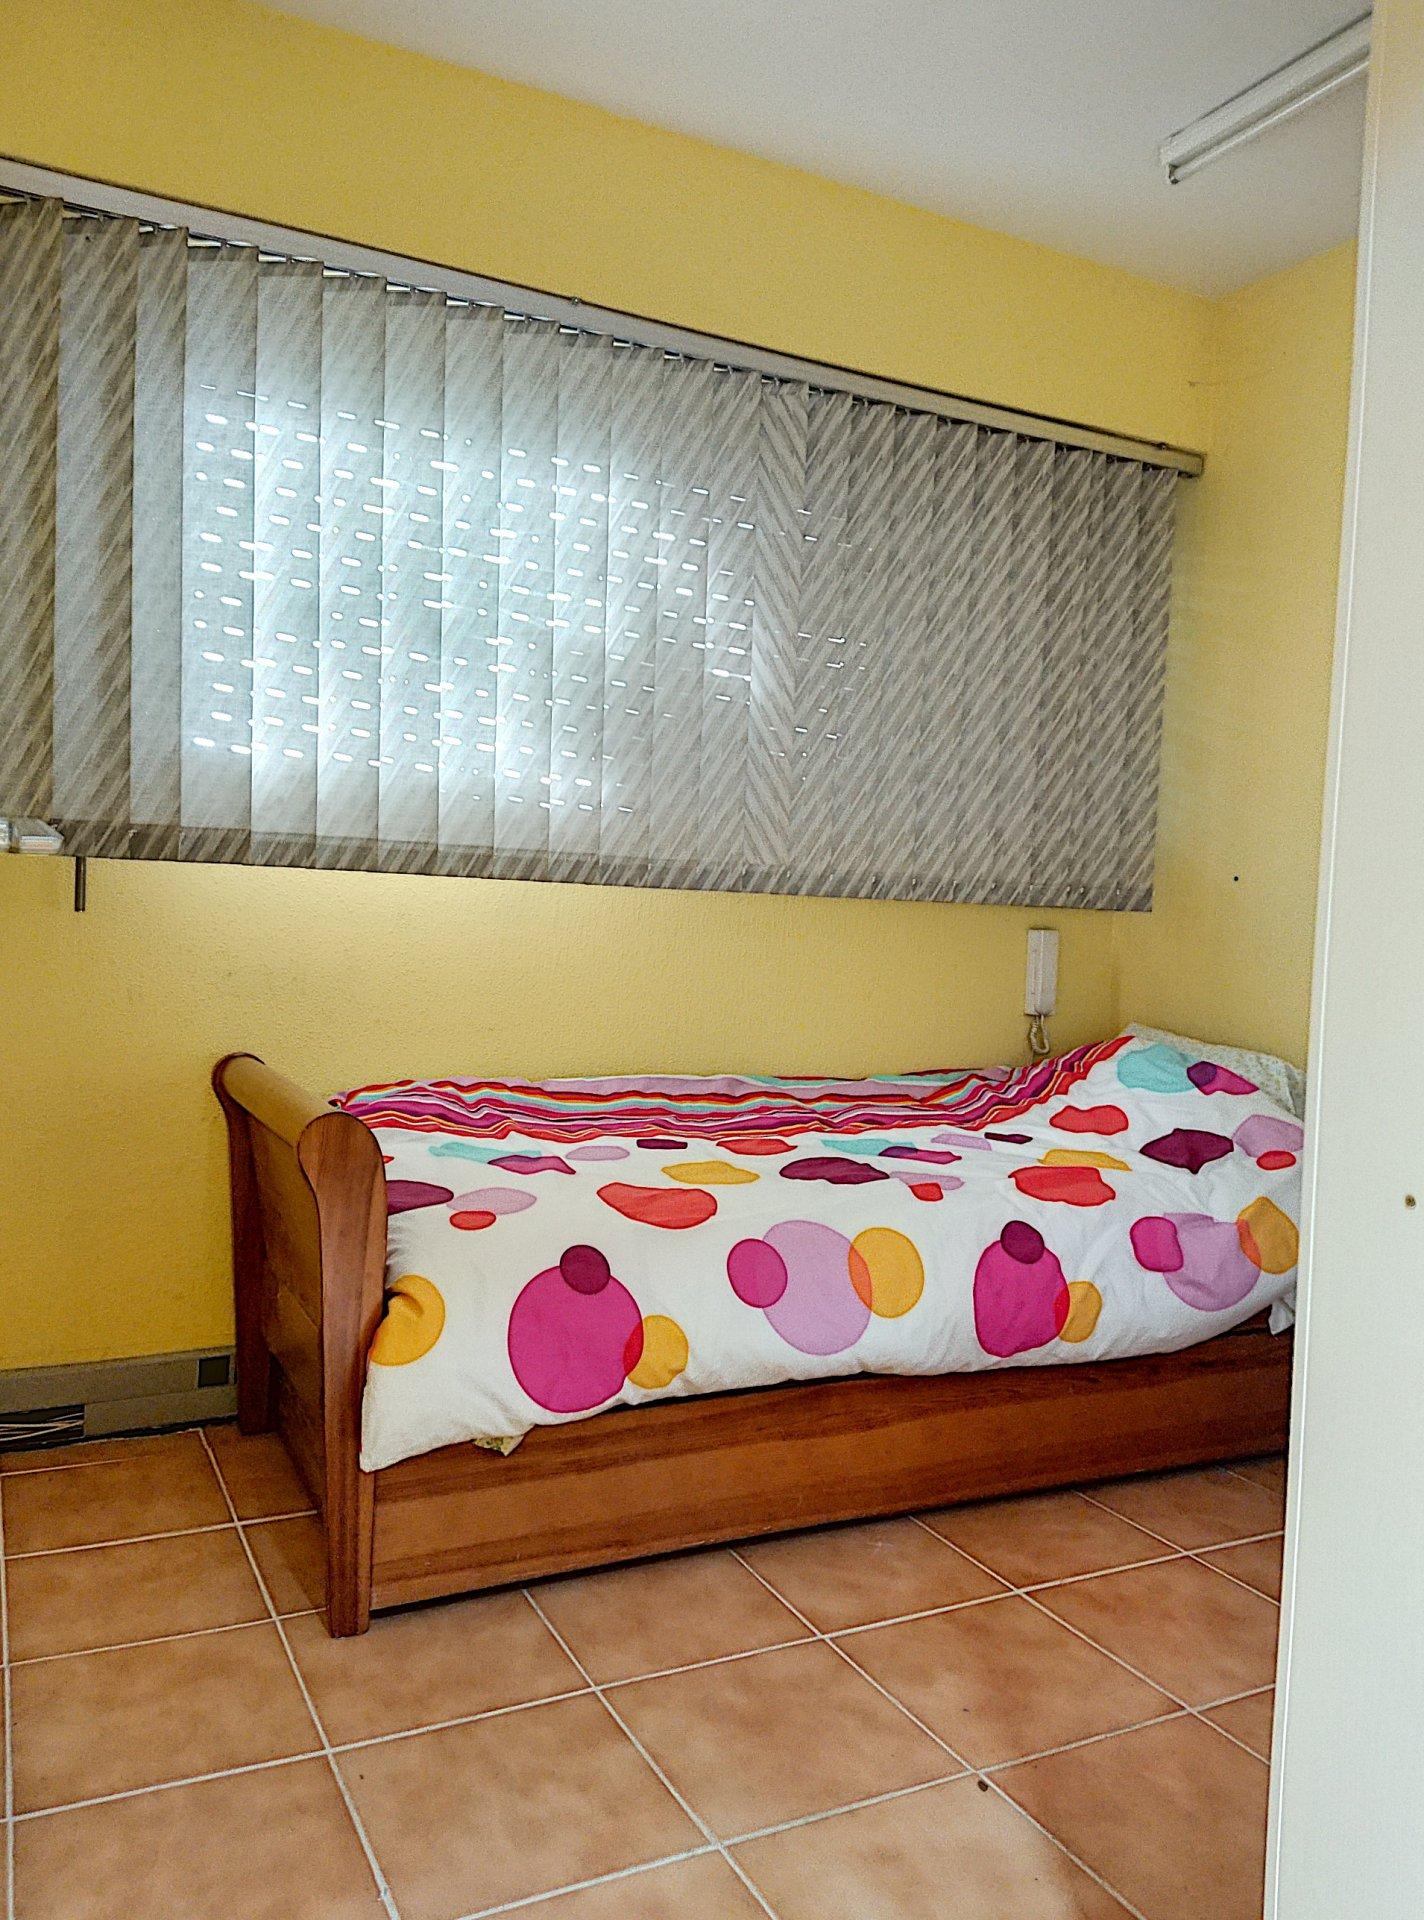 St Laurent du Var - Rascas - Bureaux 95m2 possibilité transformation en appartement